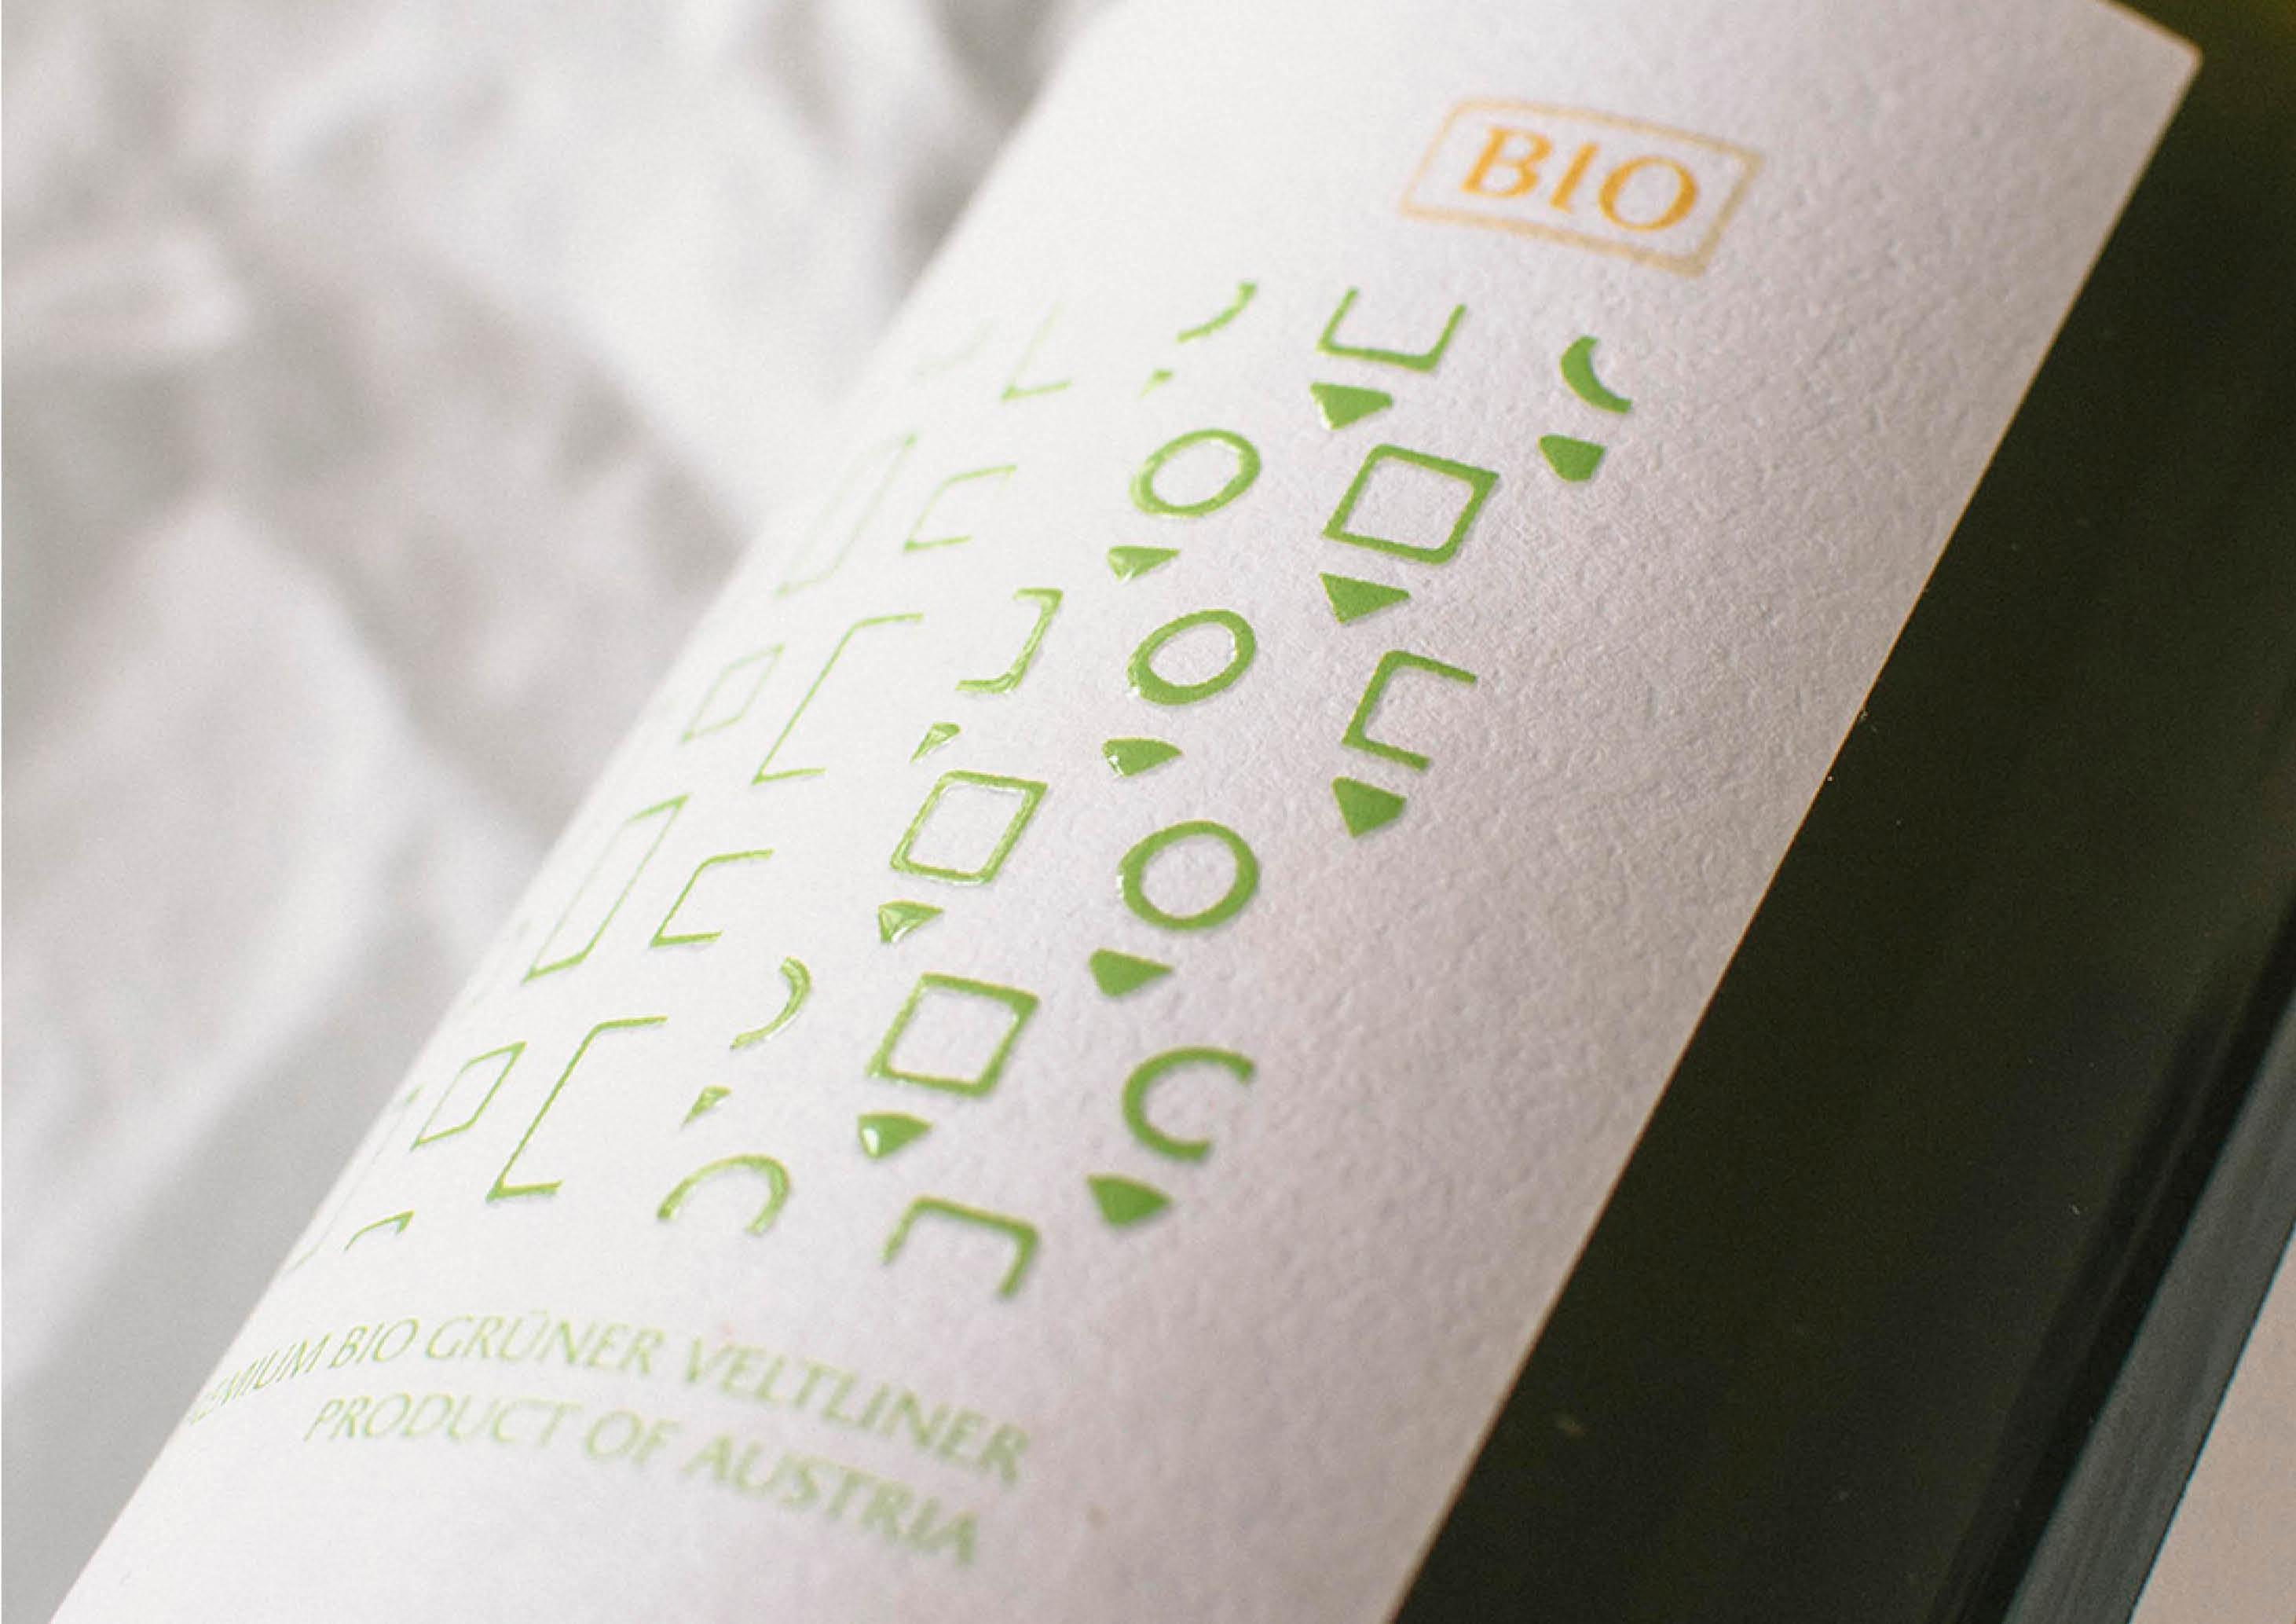 Felix Gruner Veltliner Wine Label Design (details) by Magdalena Weiss (Winemonger Imports California)